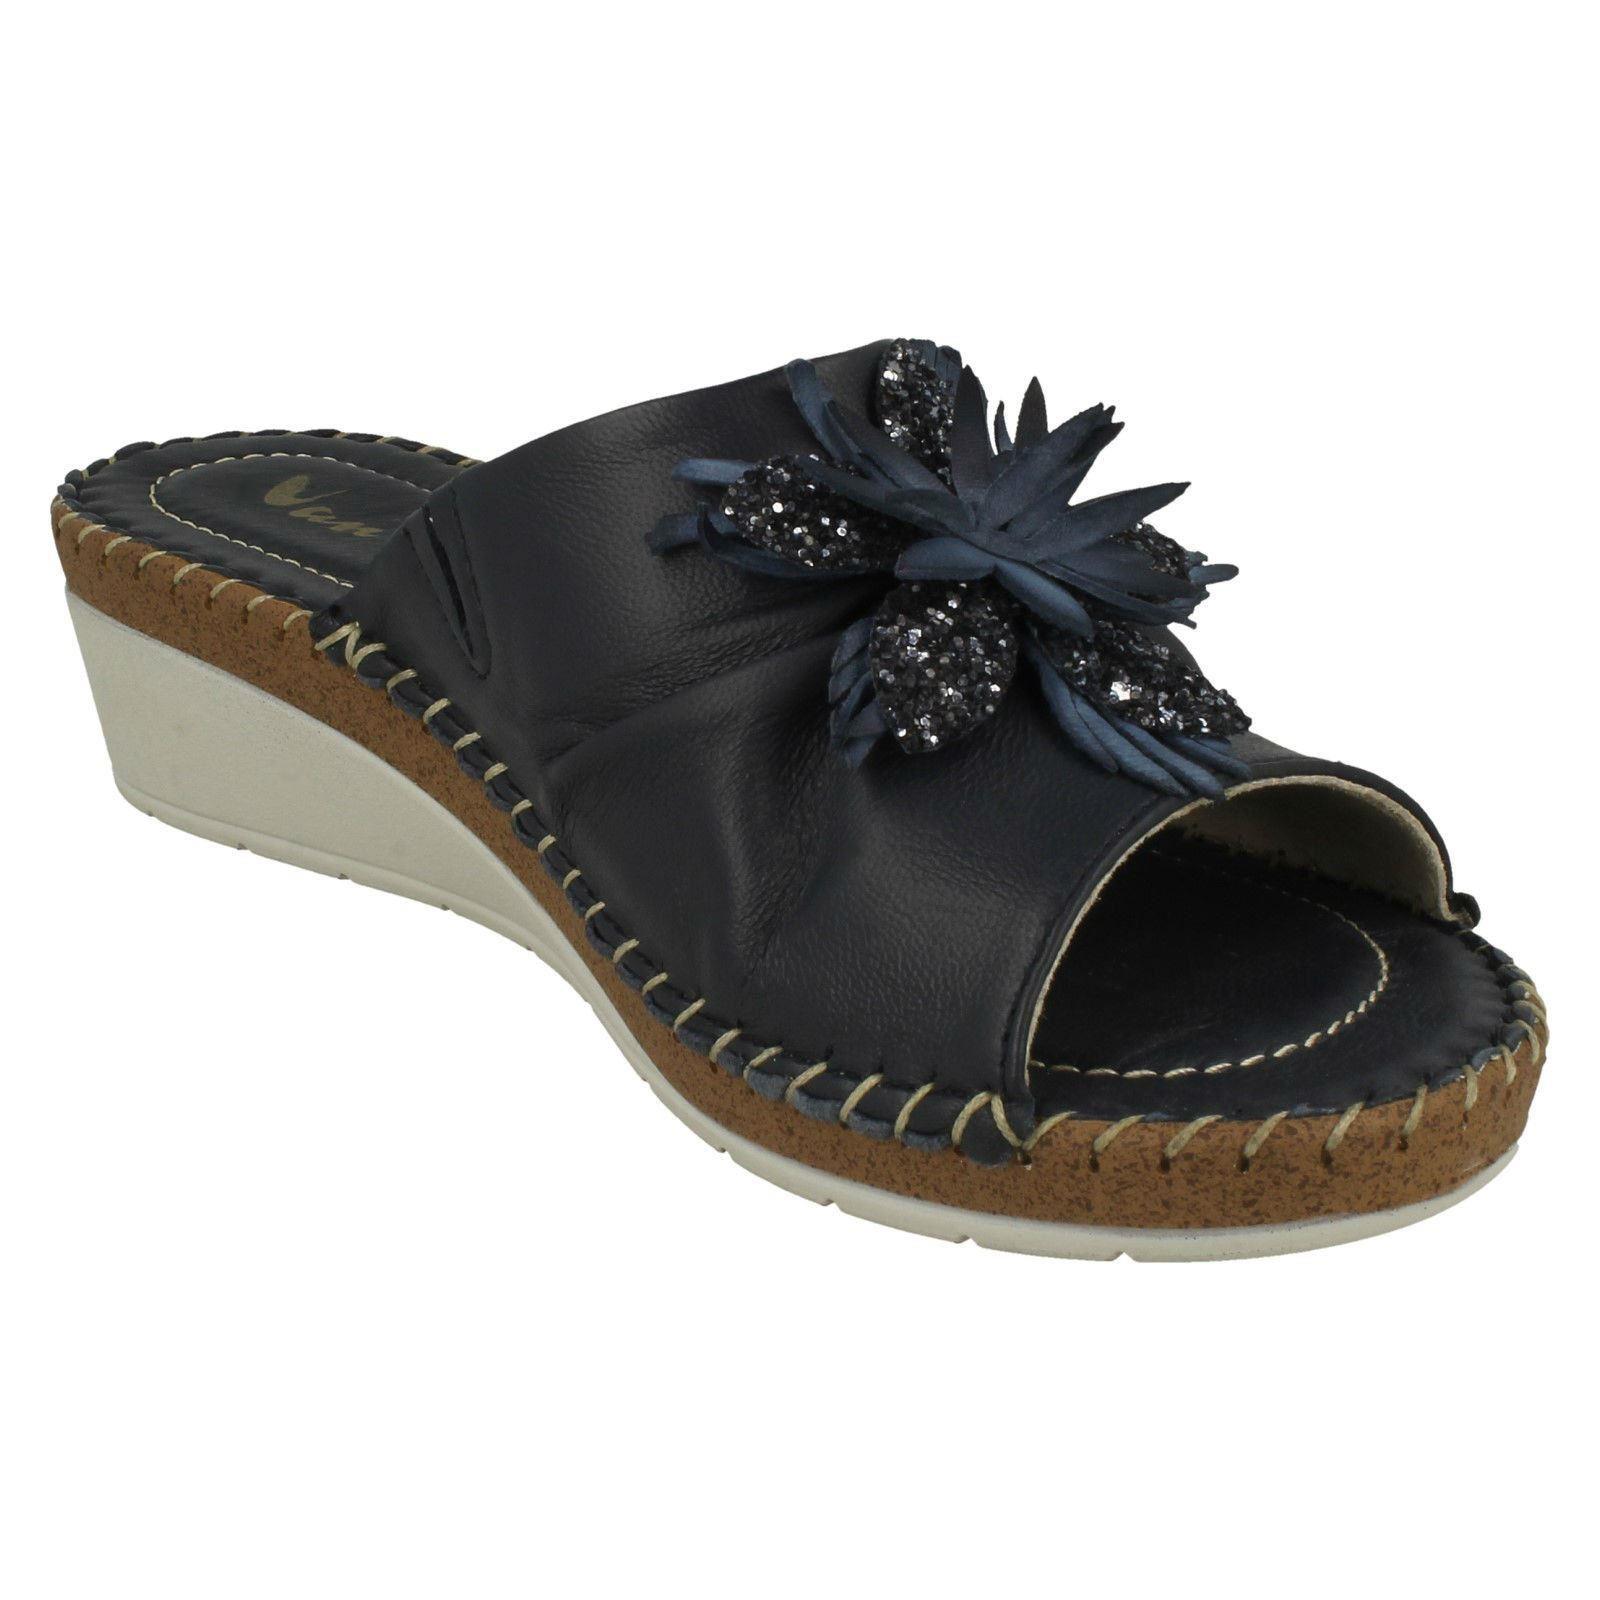 Ladies-Van-Dal-Wedge-Heel-Mule-Sandals-039-Banks-039 thumbnail 16